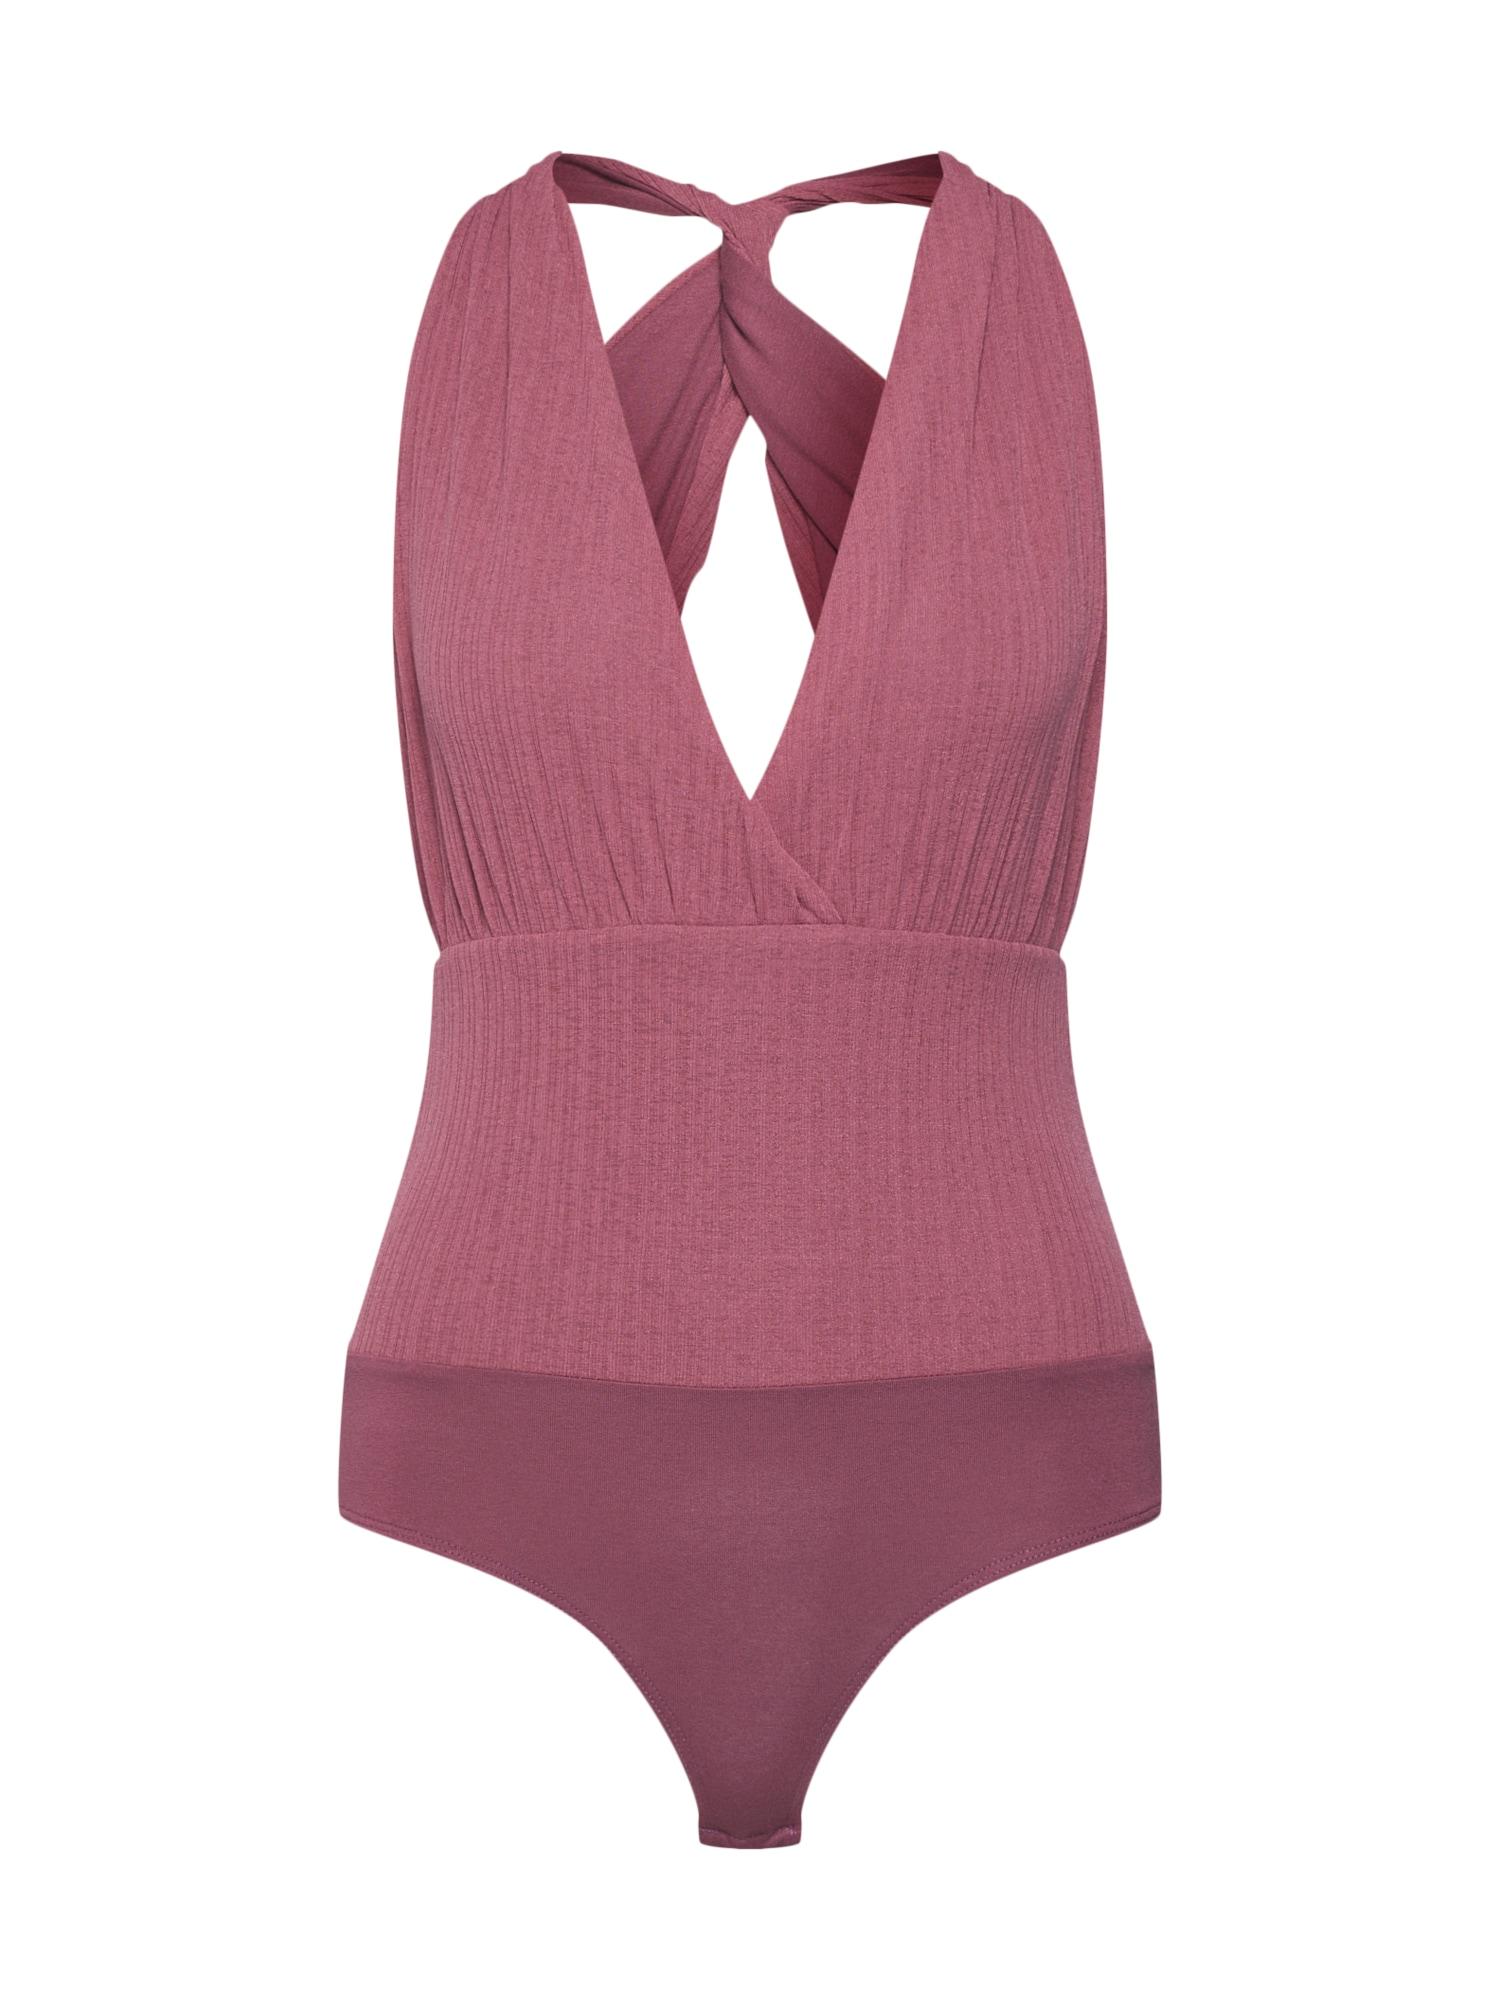 ABOUT YOU Marškinėliai-glaustinukė 'Rafaela' ryškiai rožinė spalva / vyšninė spalva